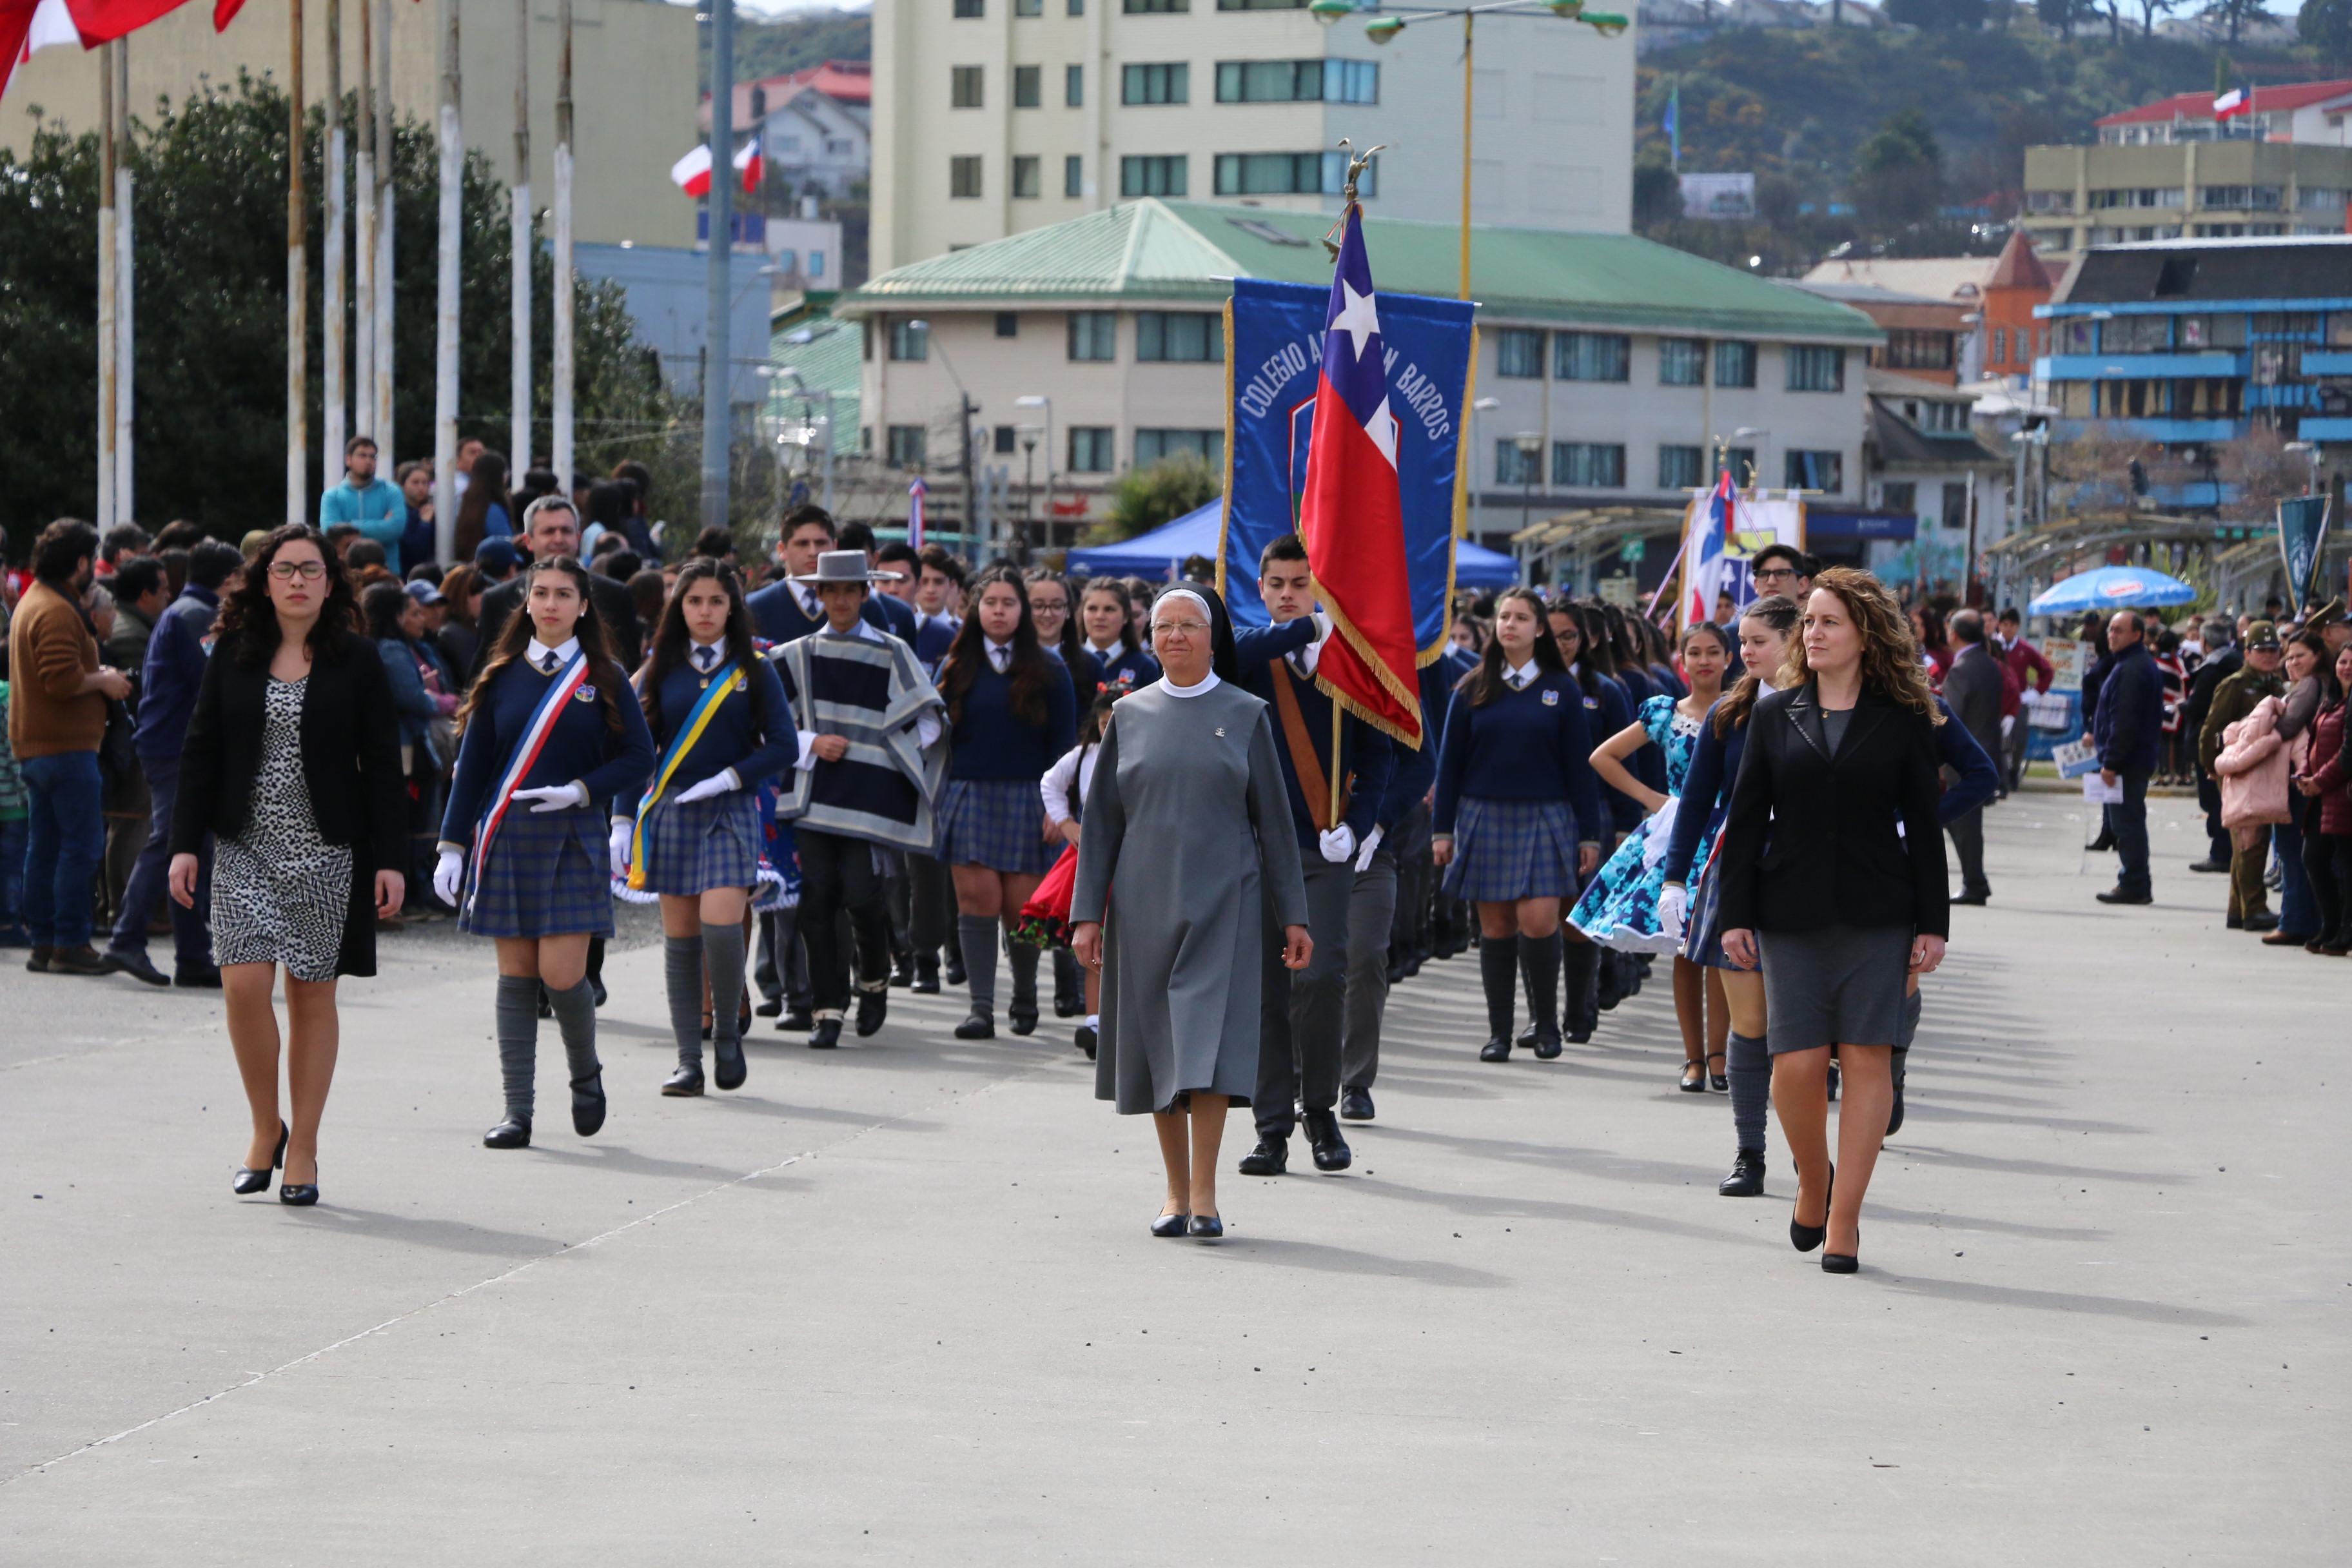 Alumnos del colegio participan en desfile de Fiestas Patrias